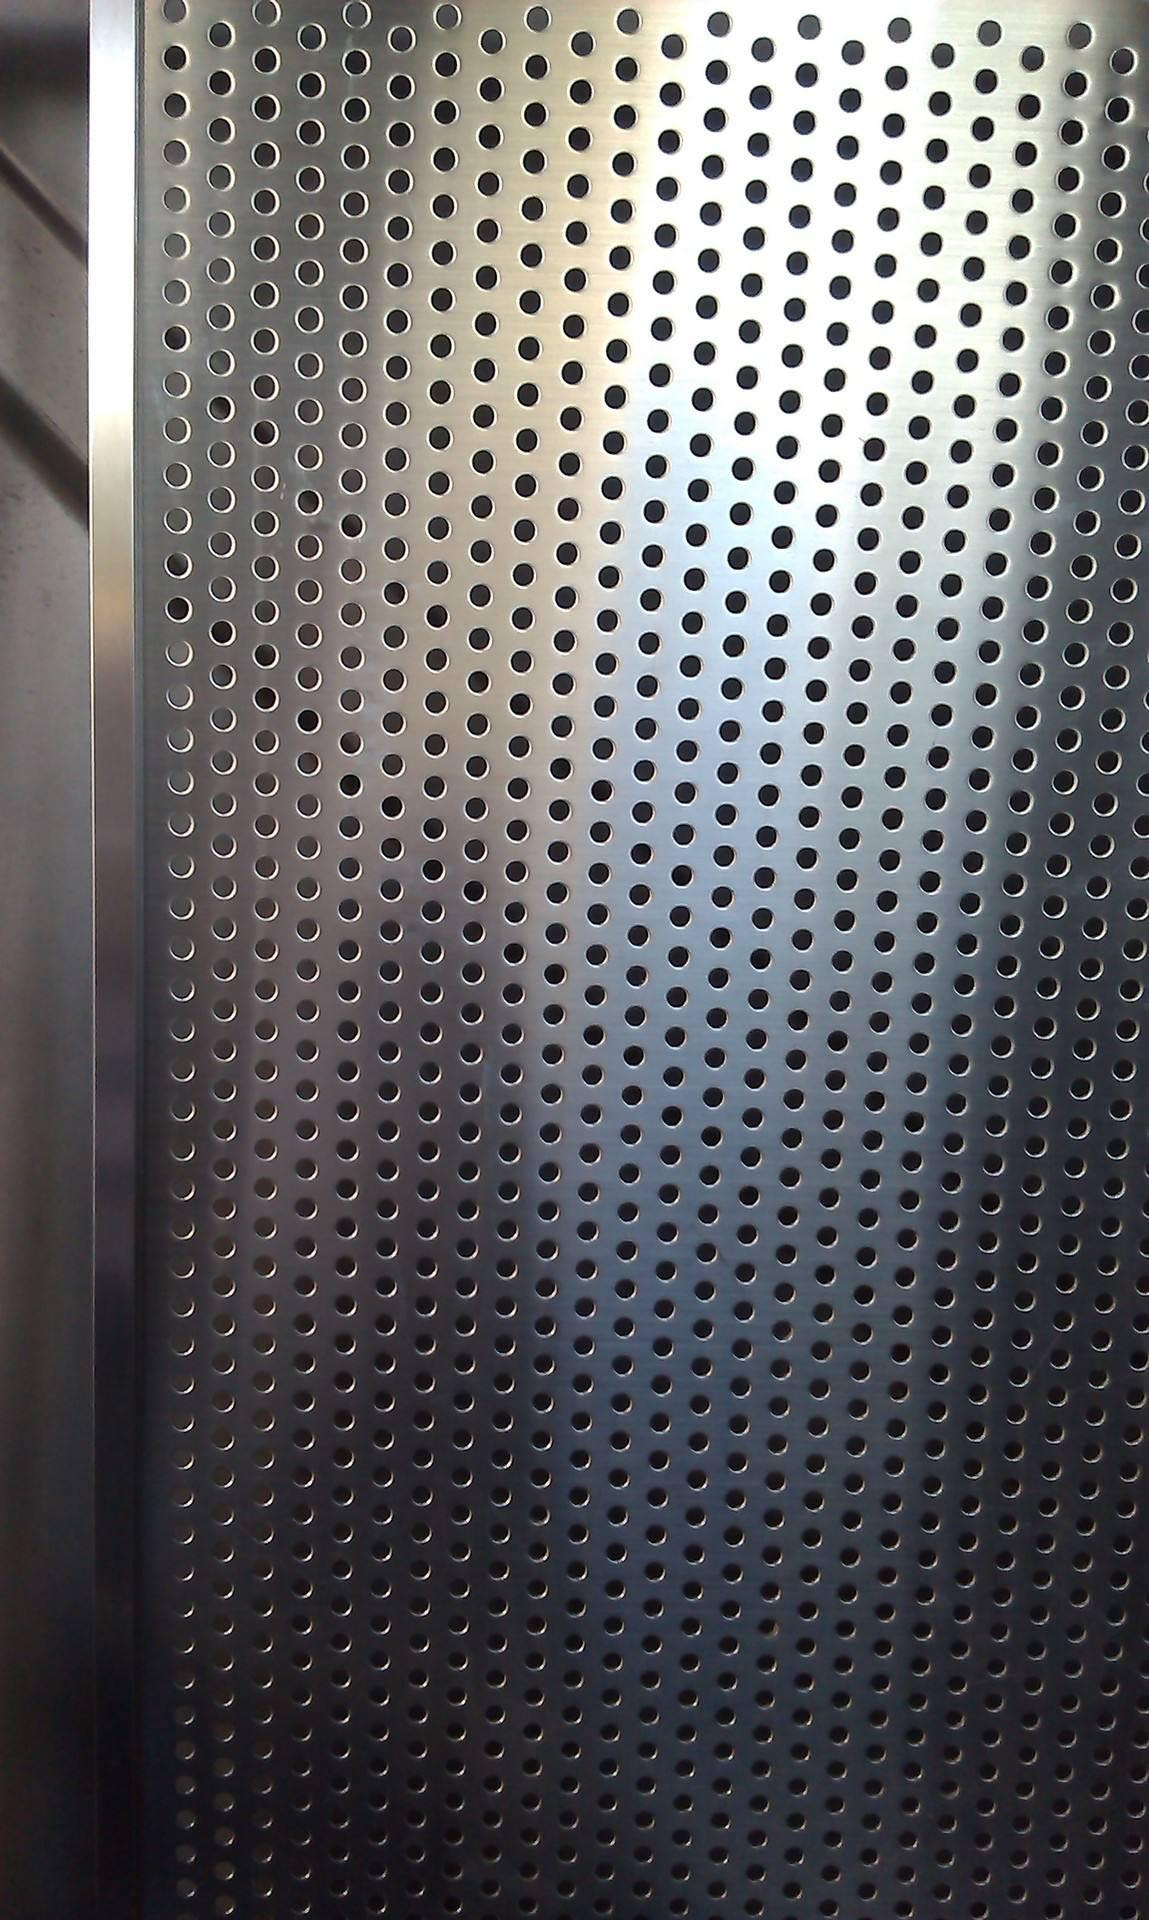 冲孔板翻译|长孔冲孔板